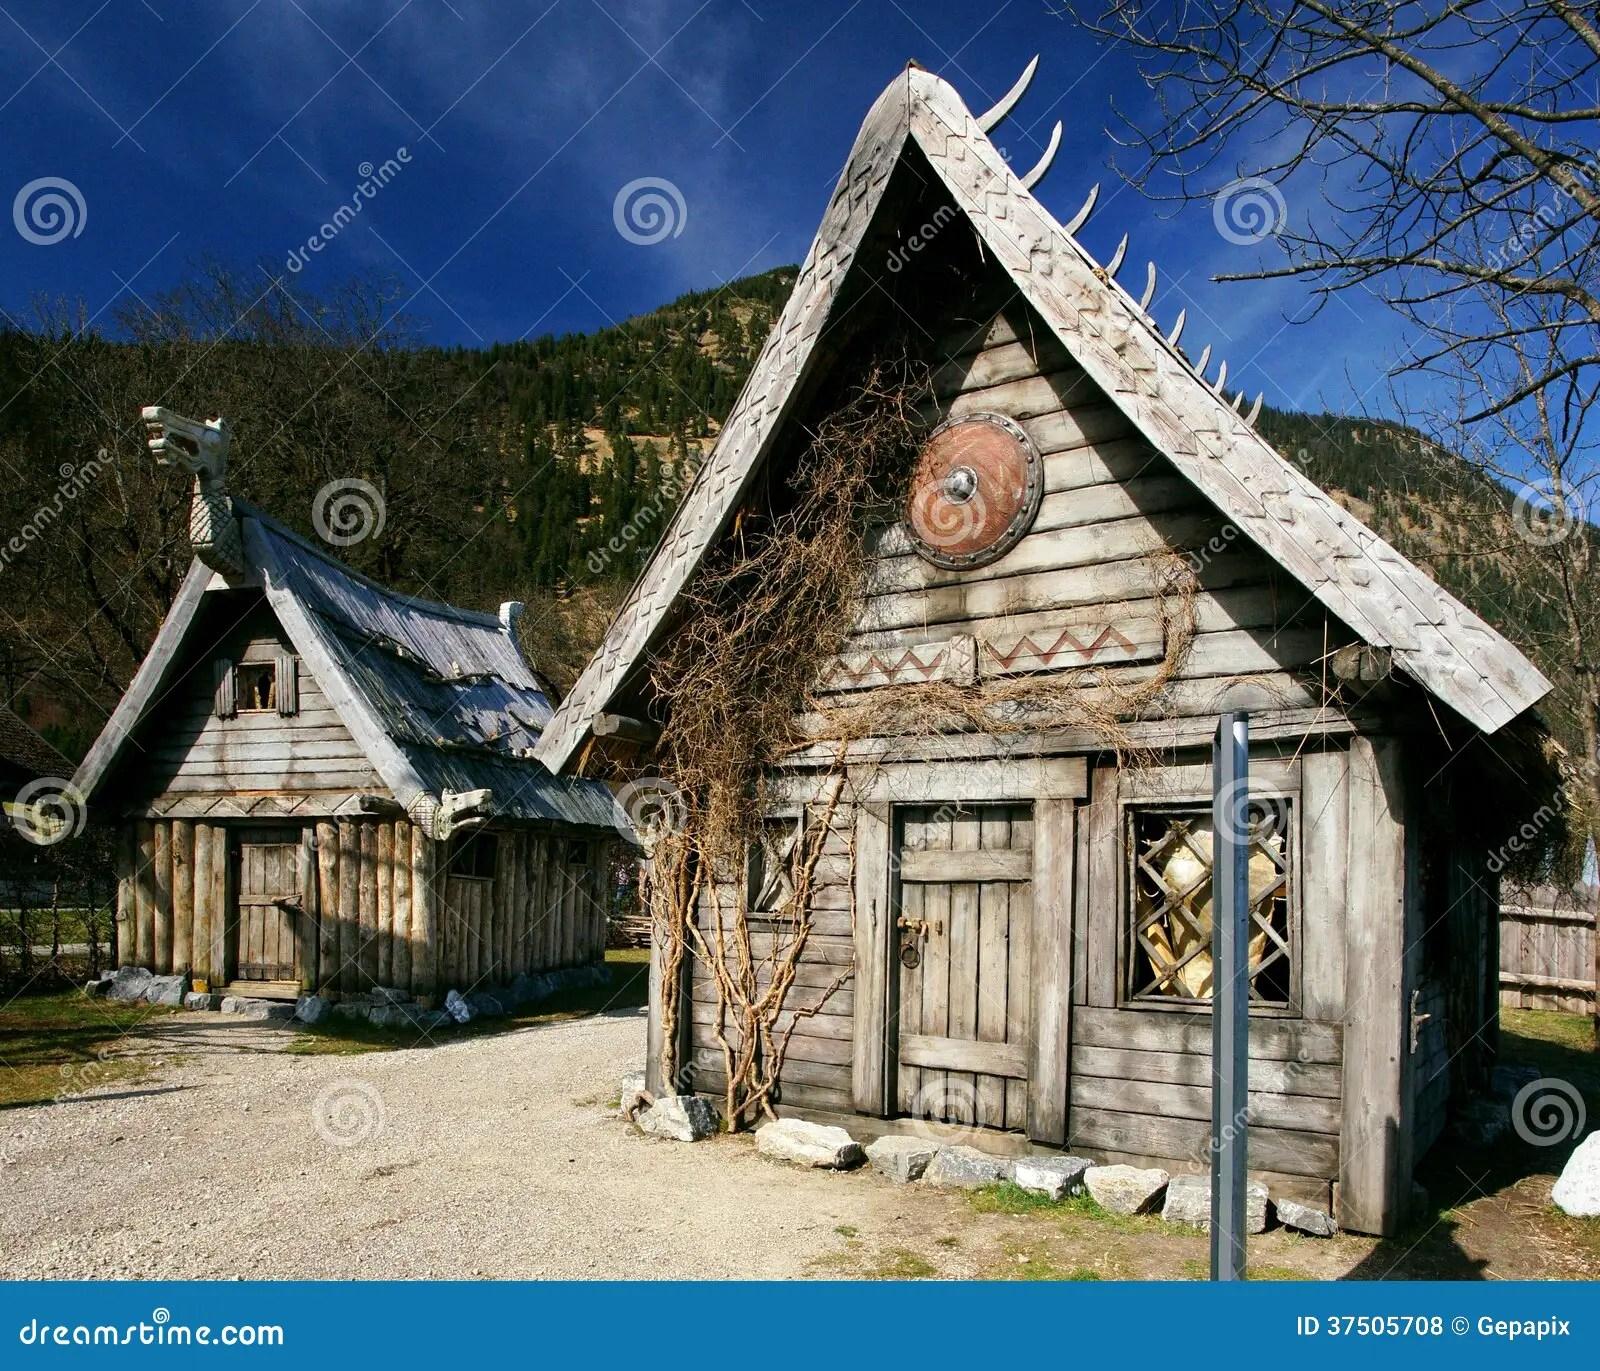 Viking Houses Worksheet